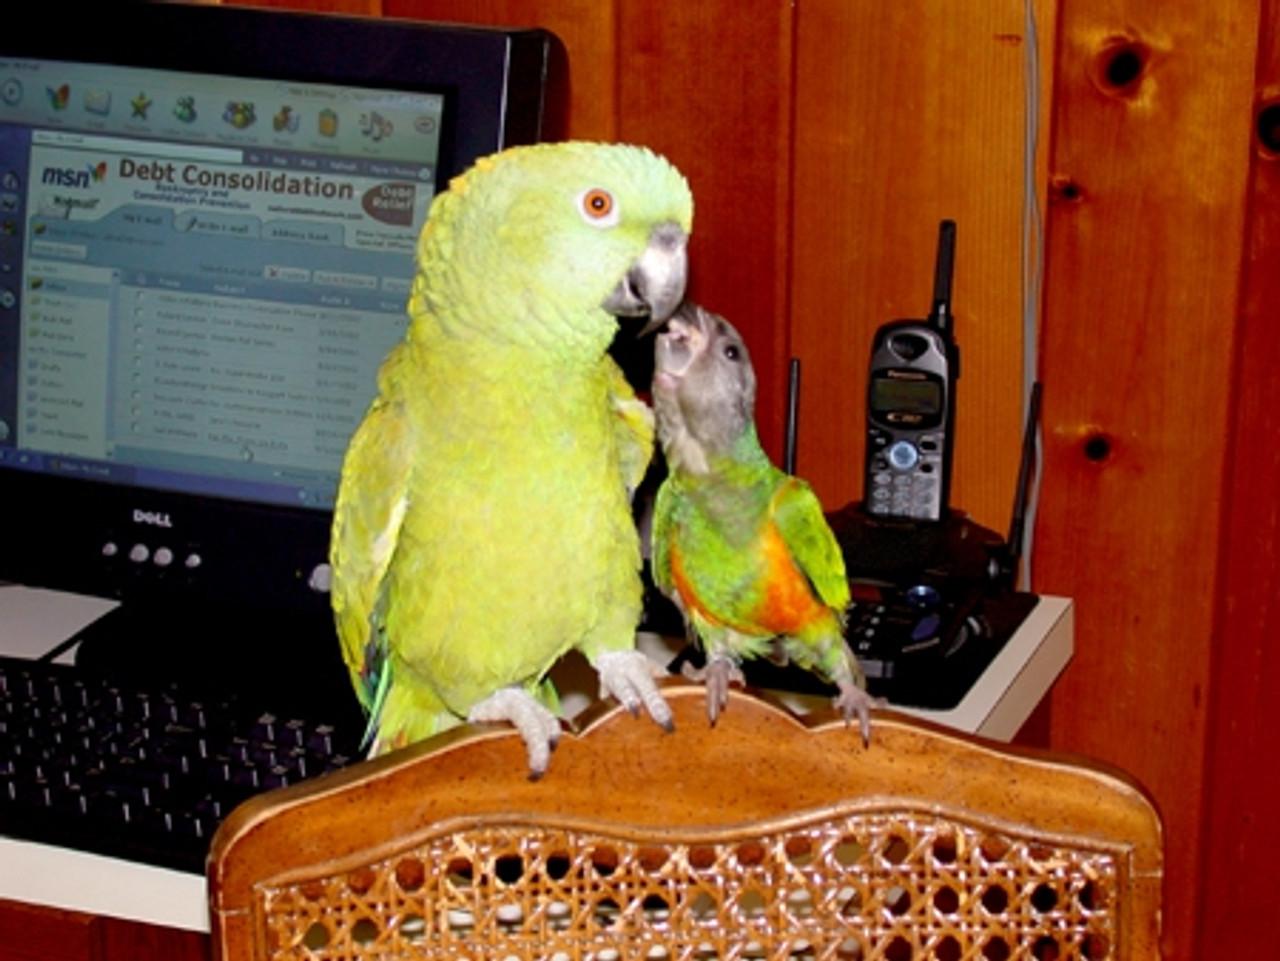 Christina's Kiwi and Gizmo